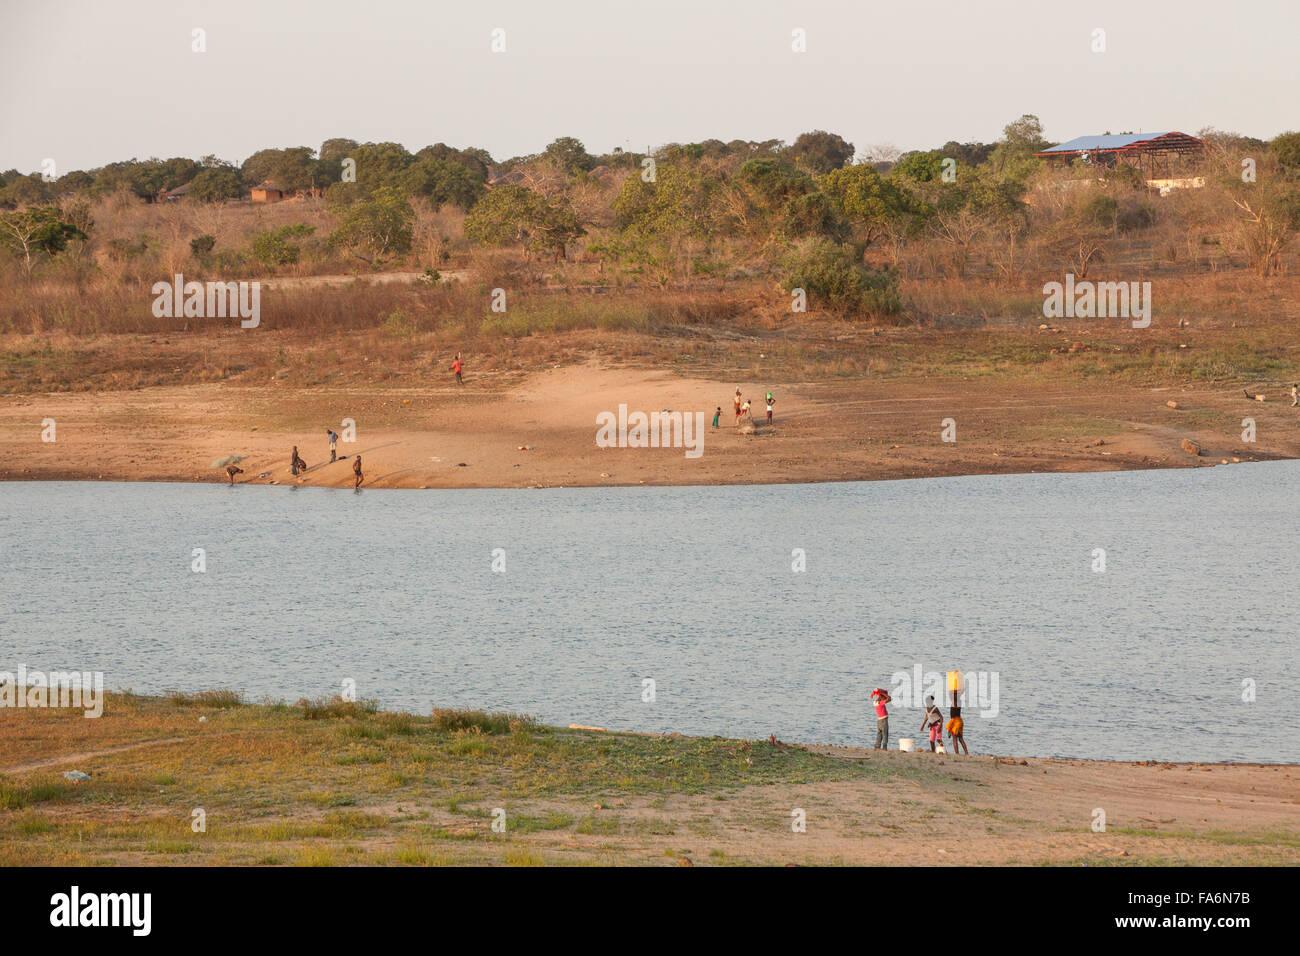 Les résidents de tirer de l'eau de la rivière Muecula près du barrage de Nacala dans la province Photo Stock